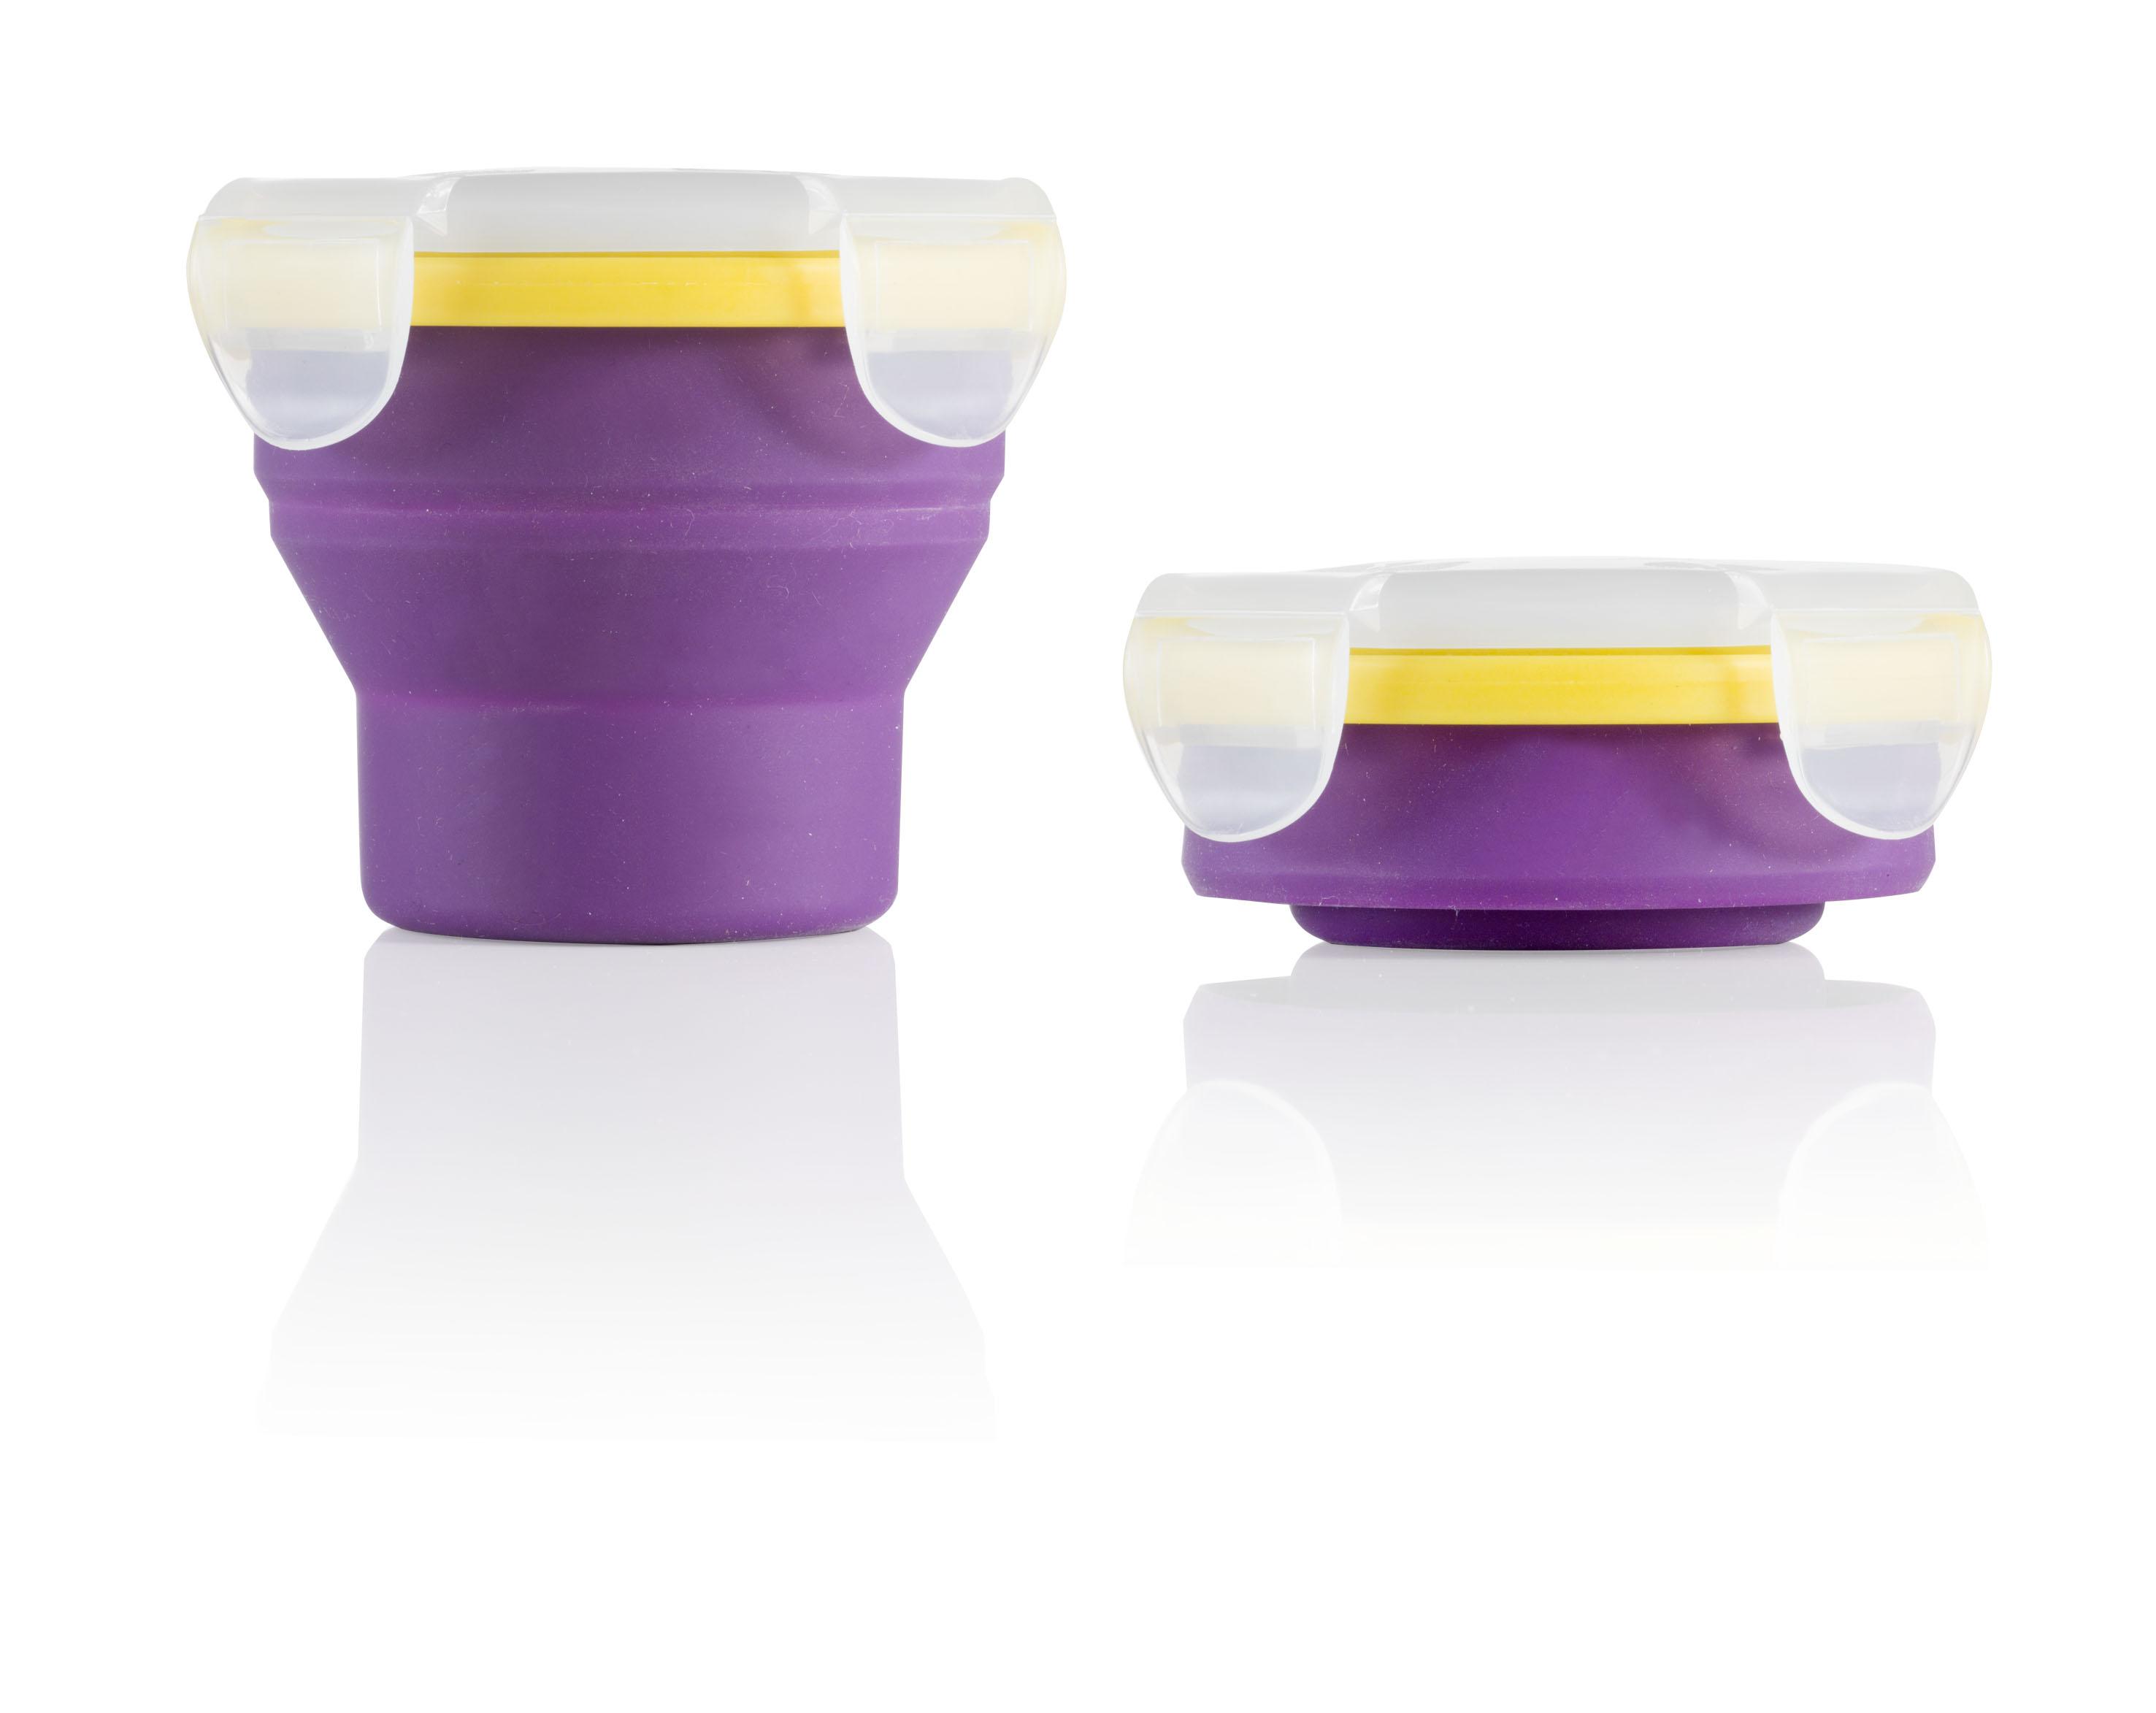 Estremamente Da Brandani oggetti utili e colorati per la casa - Le Shopping News XS87